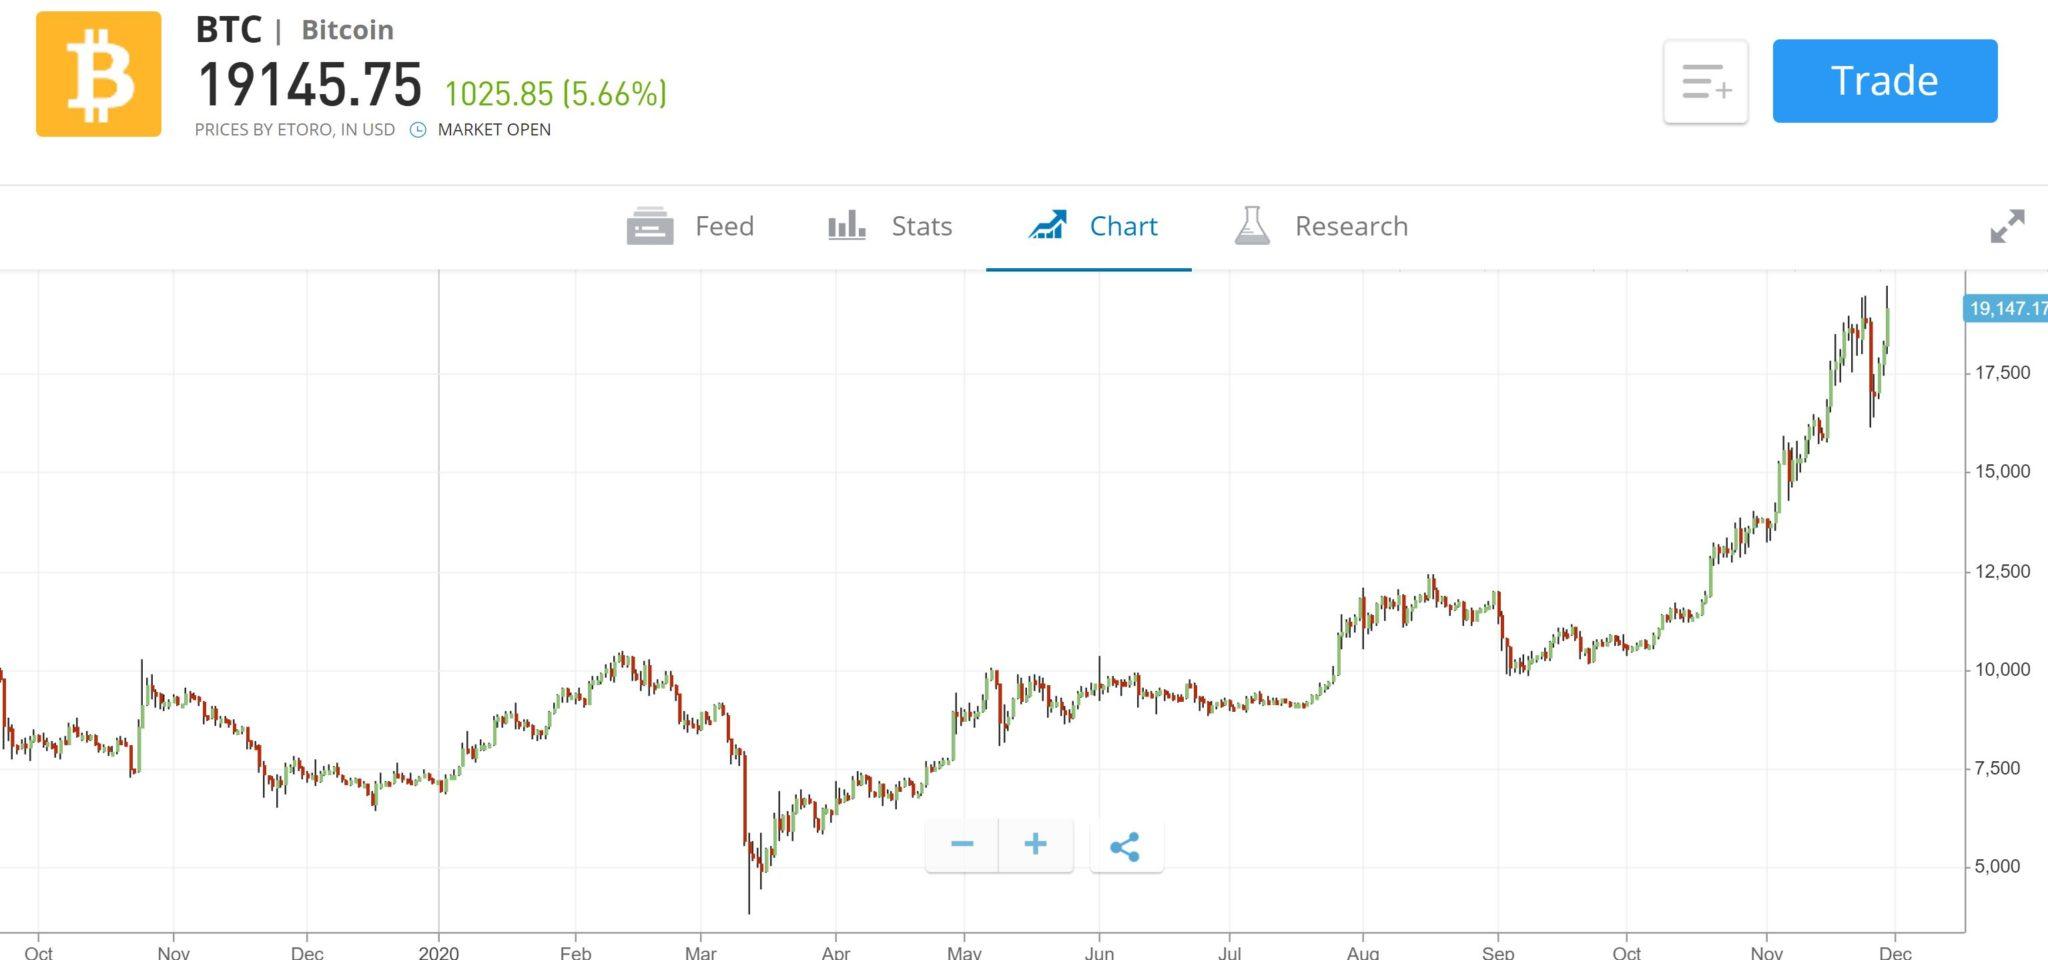 eToro Bitcoin Price Chart